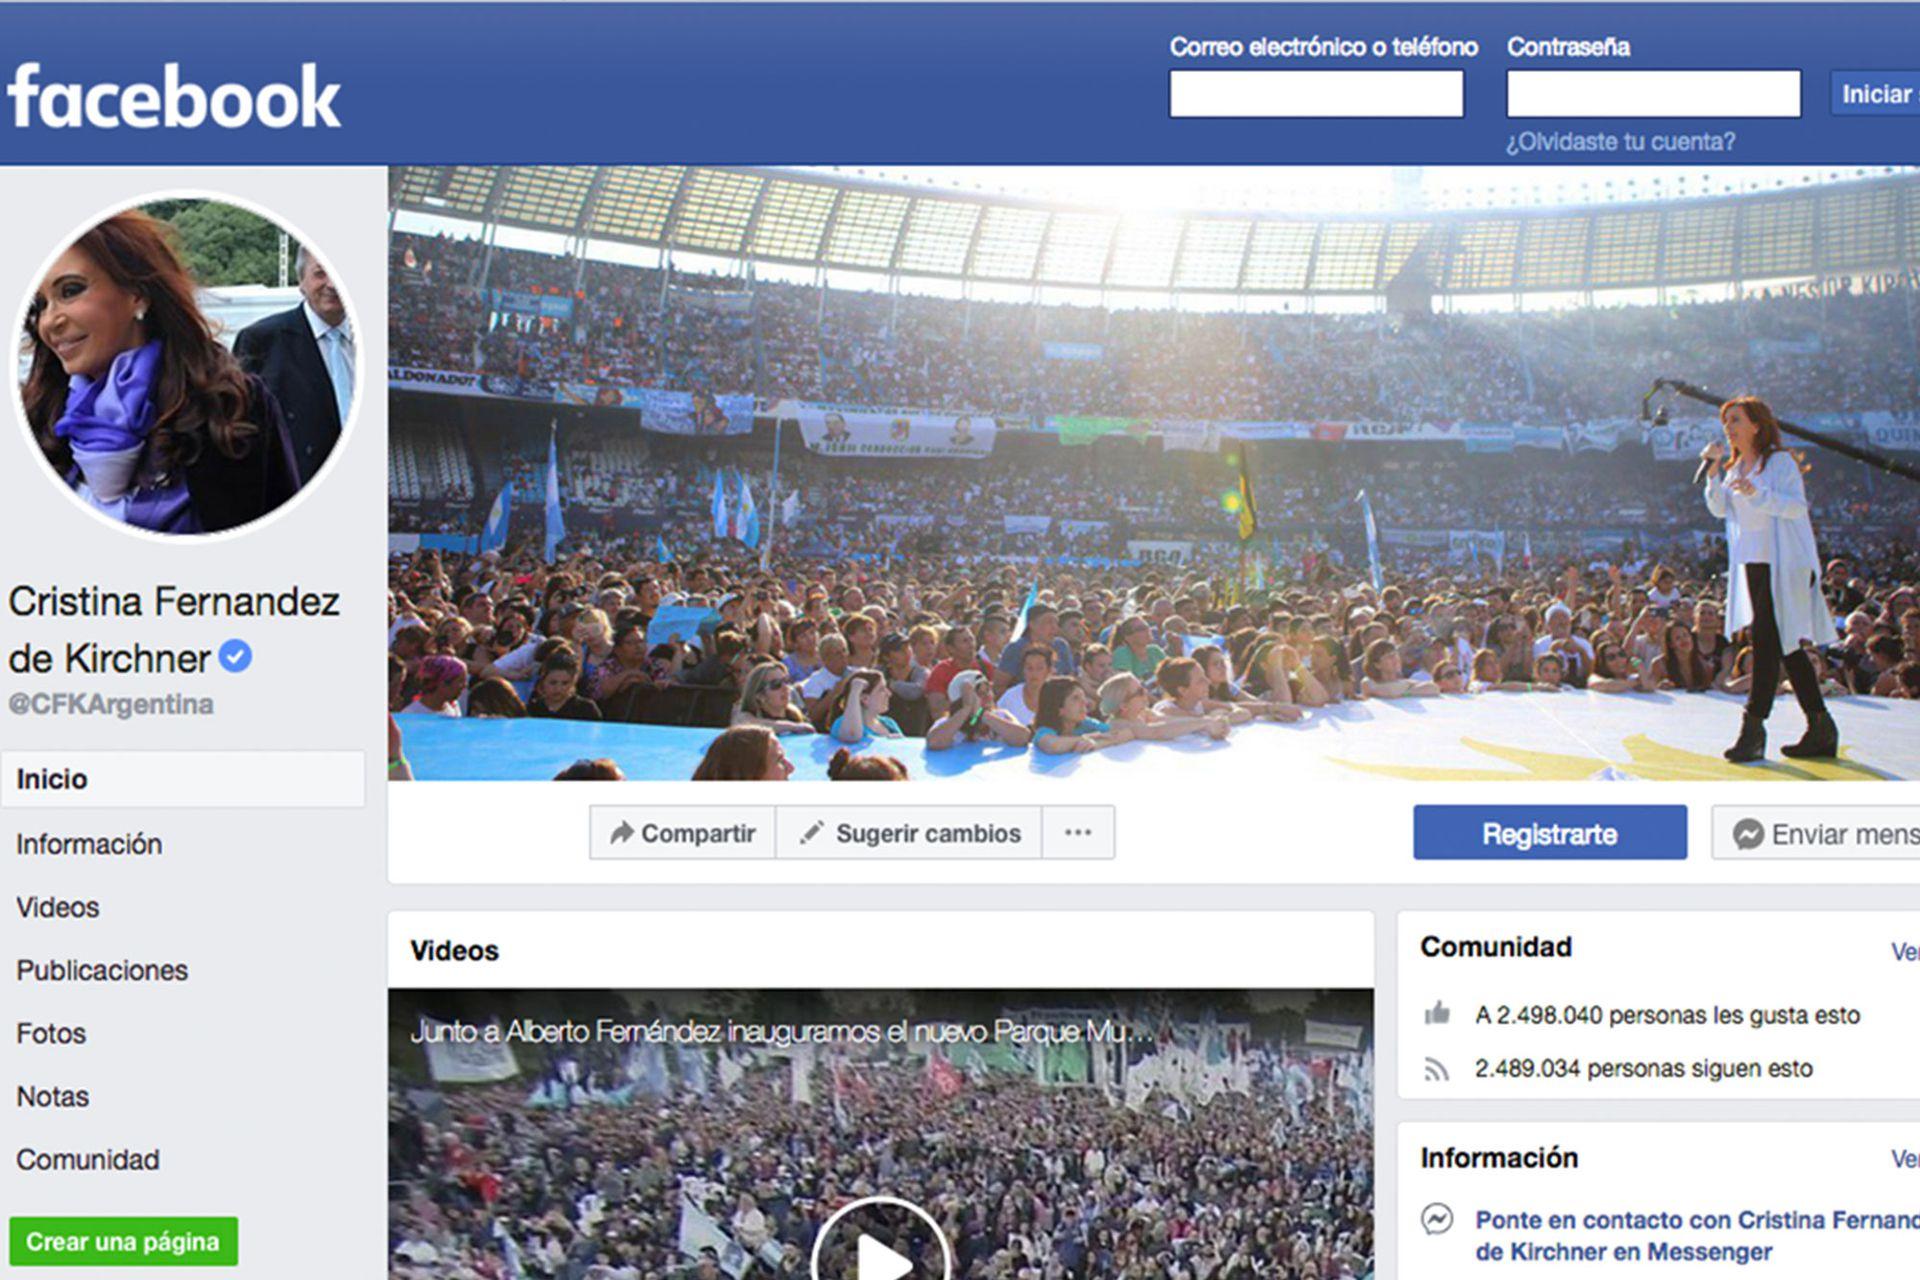 Después de anunciar su candidatura a vicepresidenta, la exmandataria -con 2,5 millones de seguidores- sumó otros 8.500 en una semana.